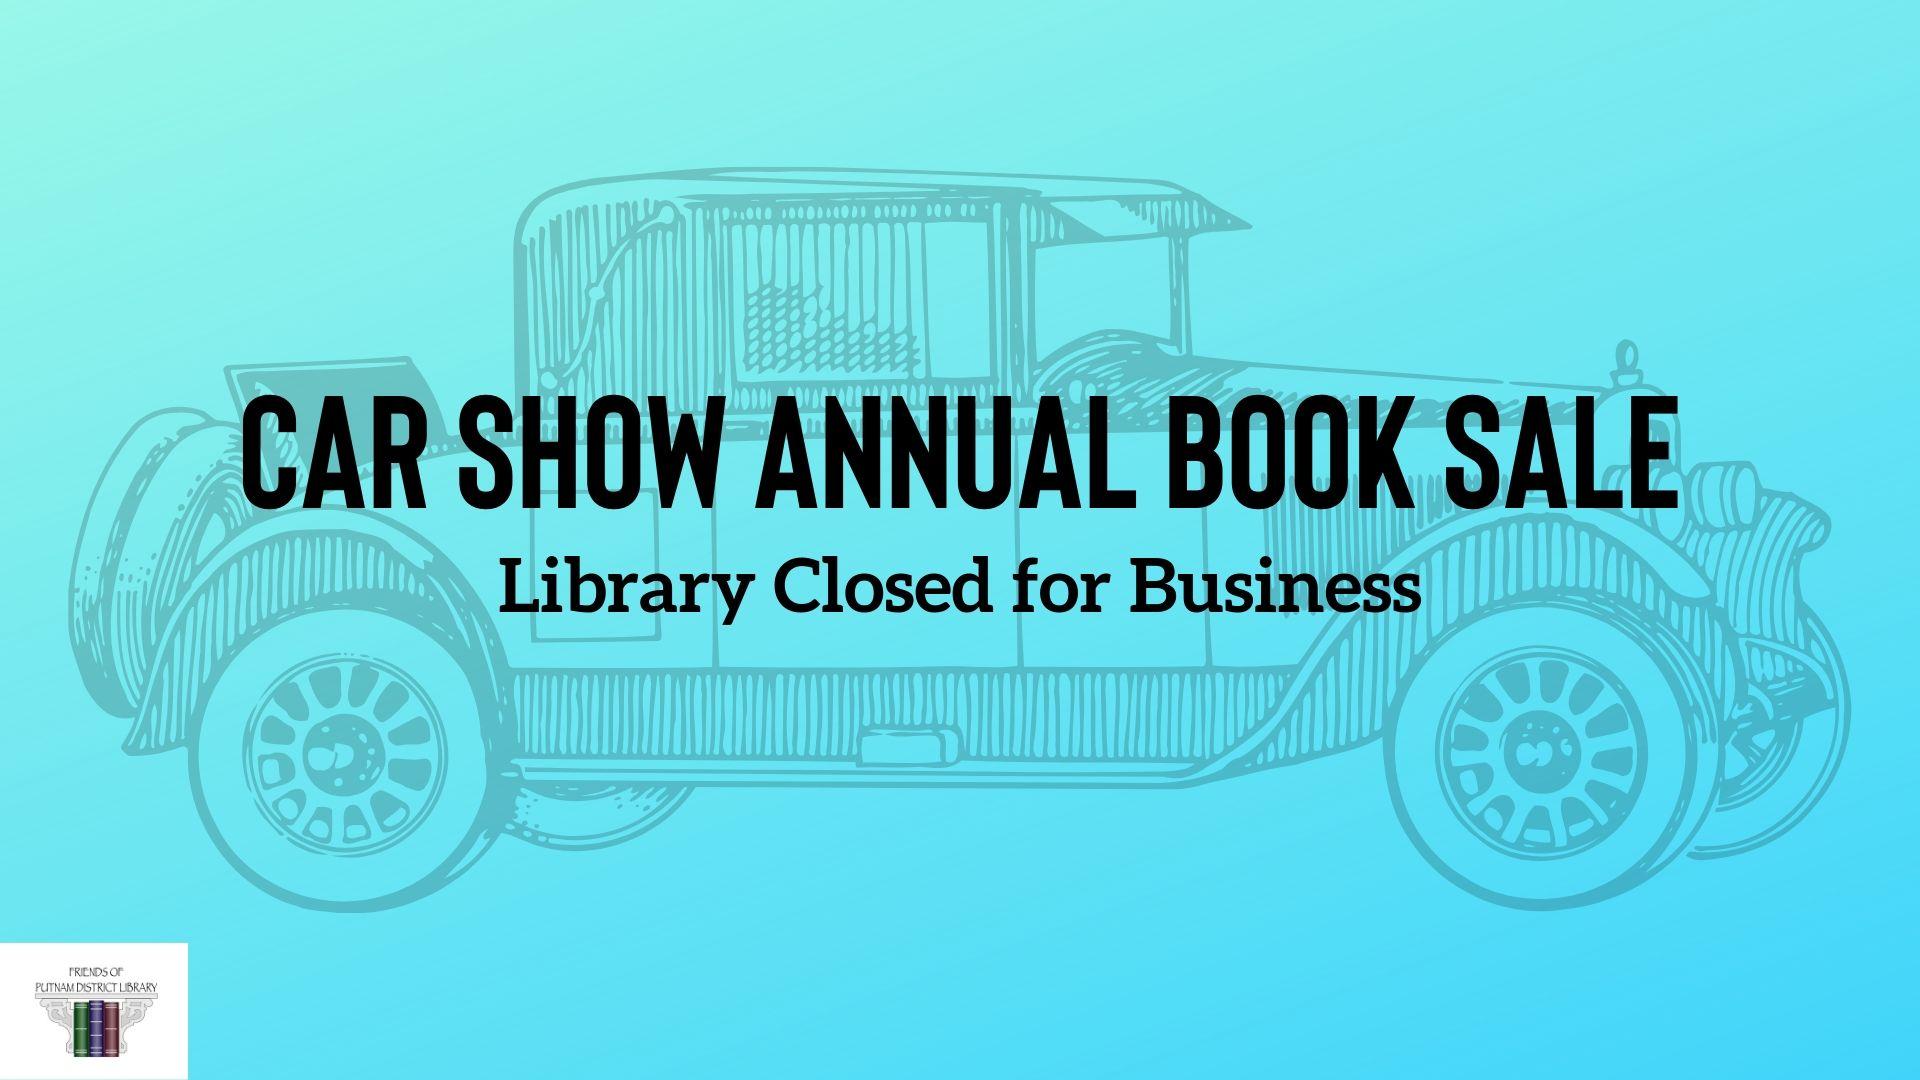 Annual Car Show Book Sale